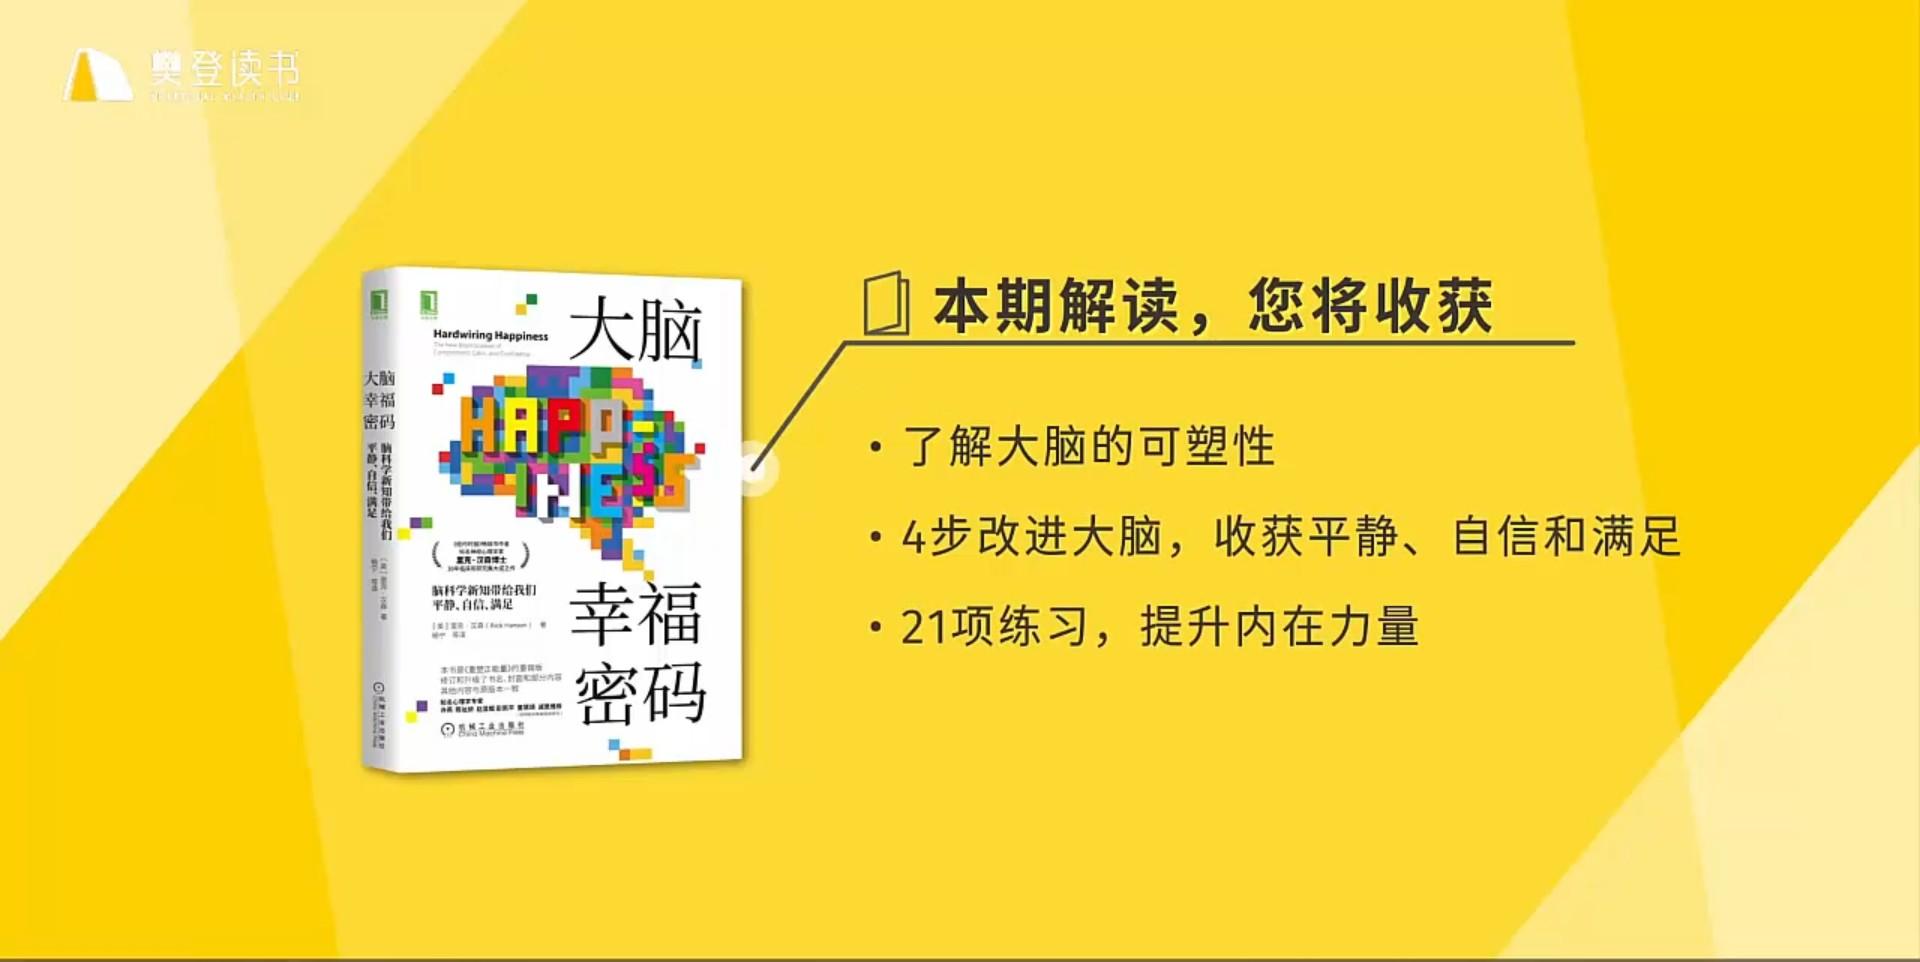 樊登读书会-大脑幸福密码